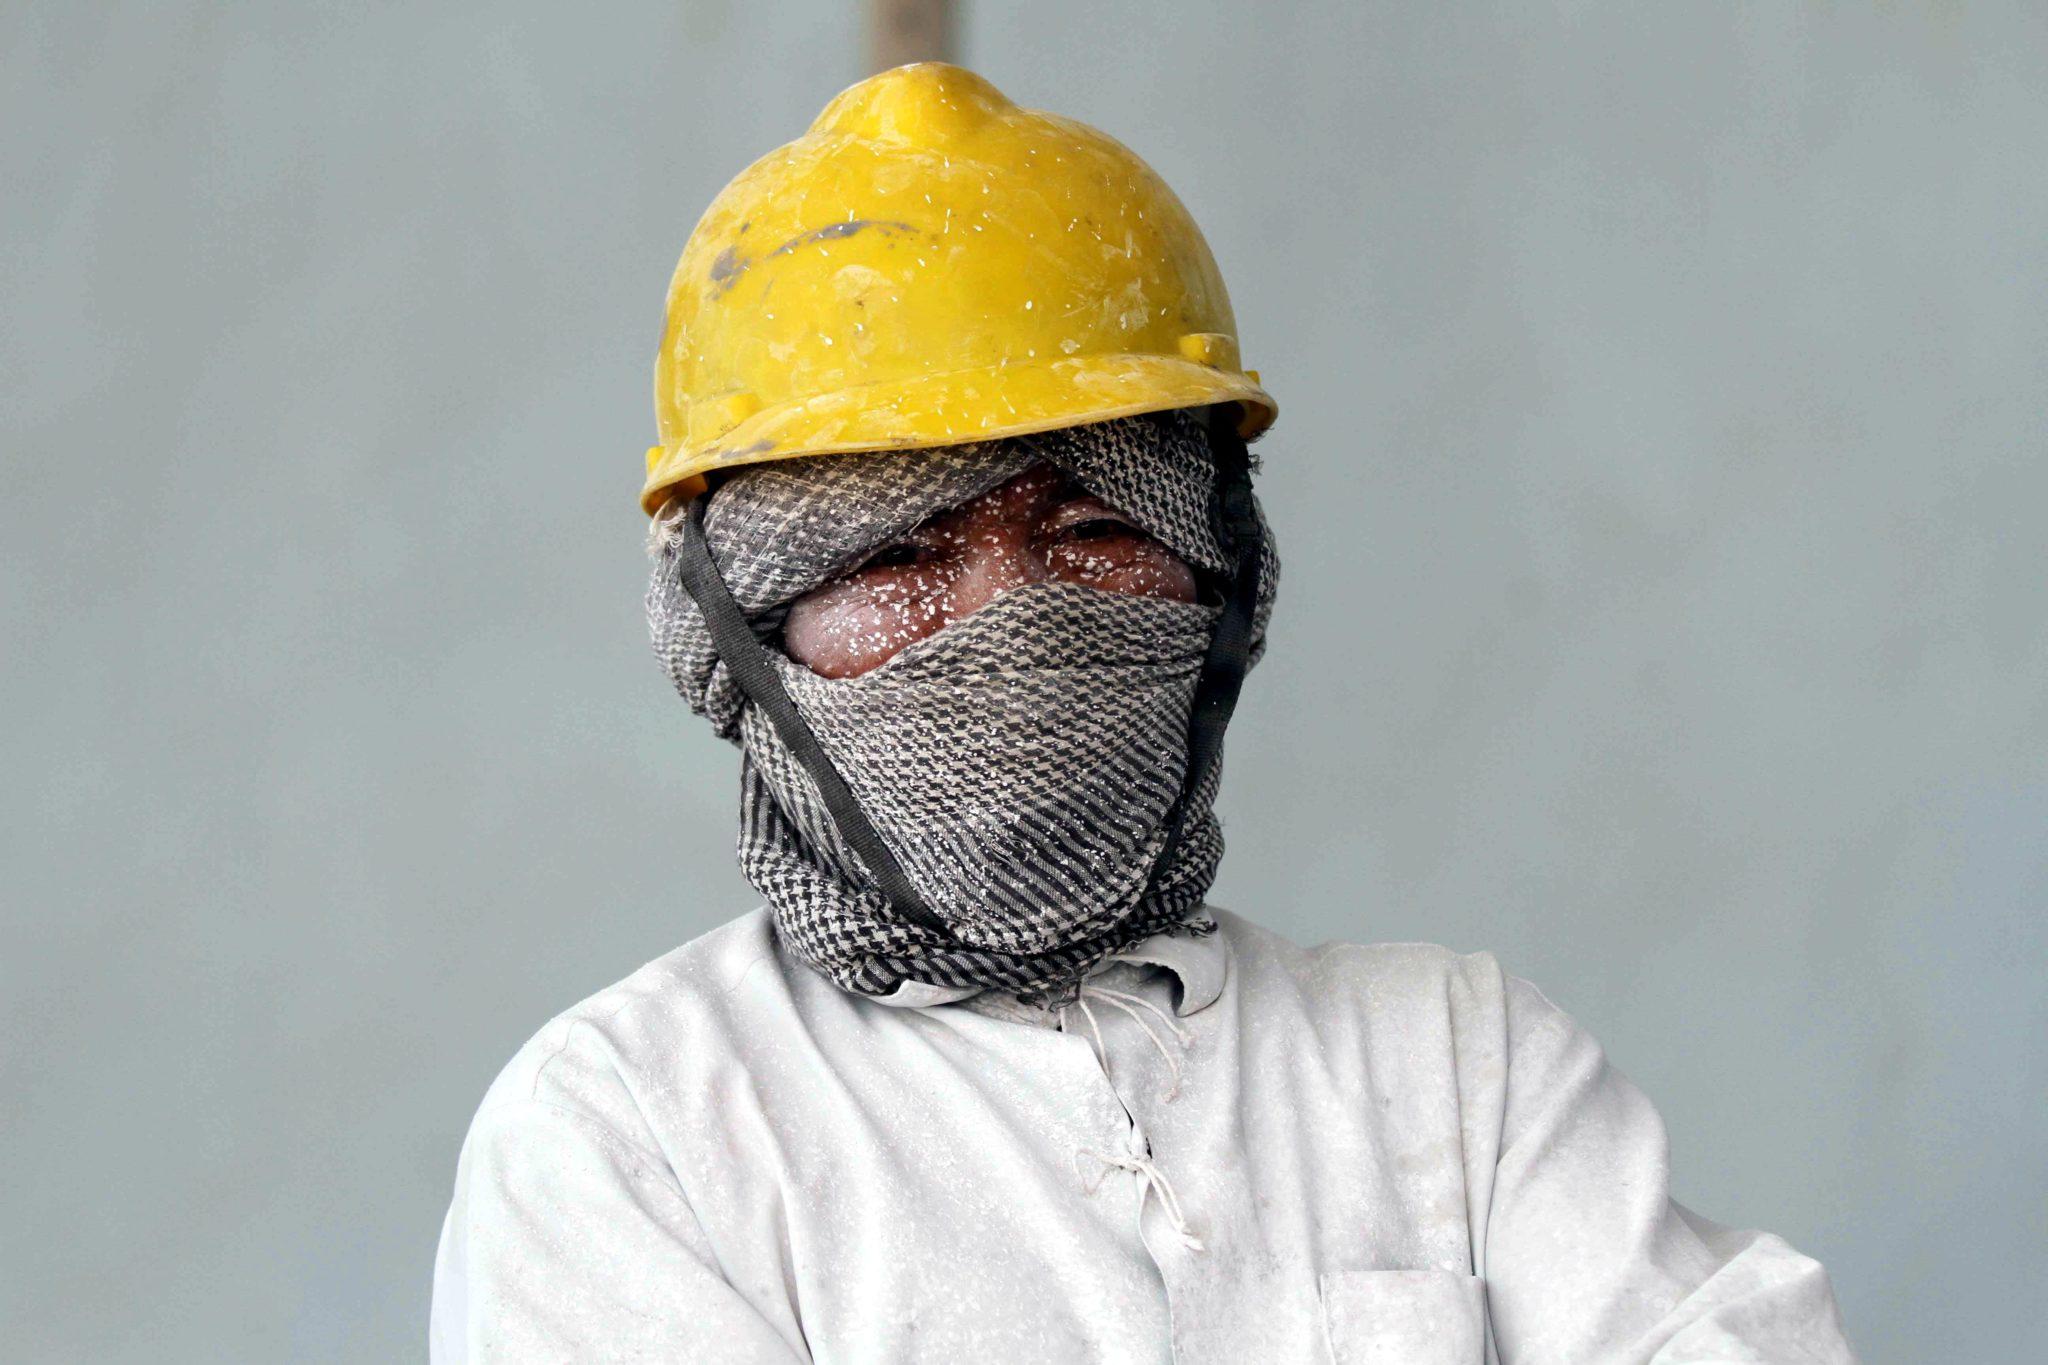 Afgański robotnik przetwarza surowy marmur w fabryce w Herat. Afganistan jest jednym z największych eksporterów surowych marmurów, fot. Jalil Rezyaee, PAP/EPA